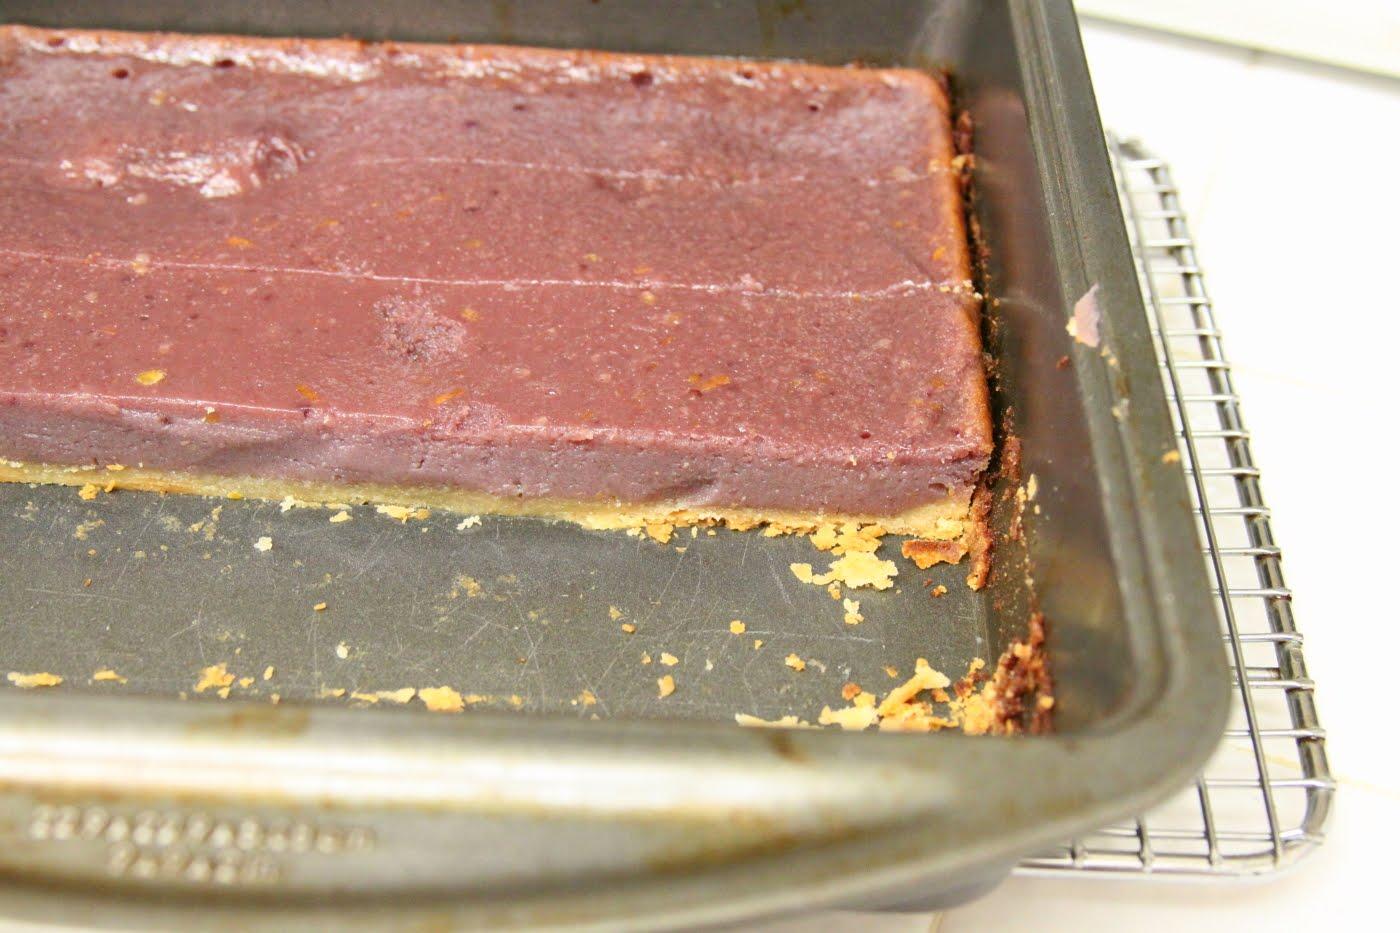 ShowFood Chef: Blackberry Buttermilk Pie Bars